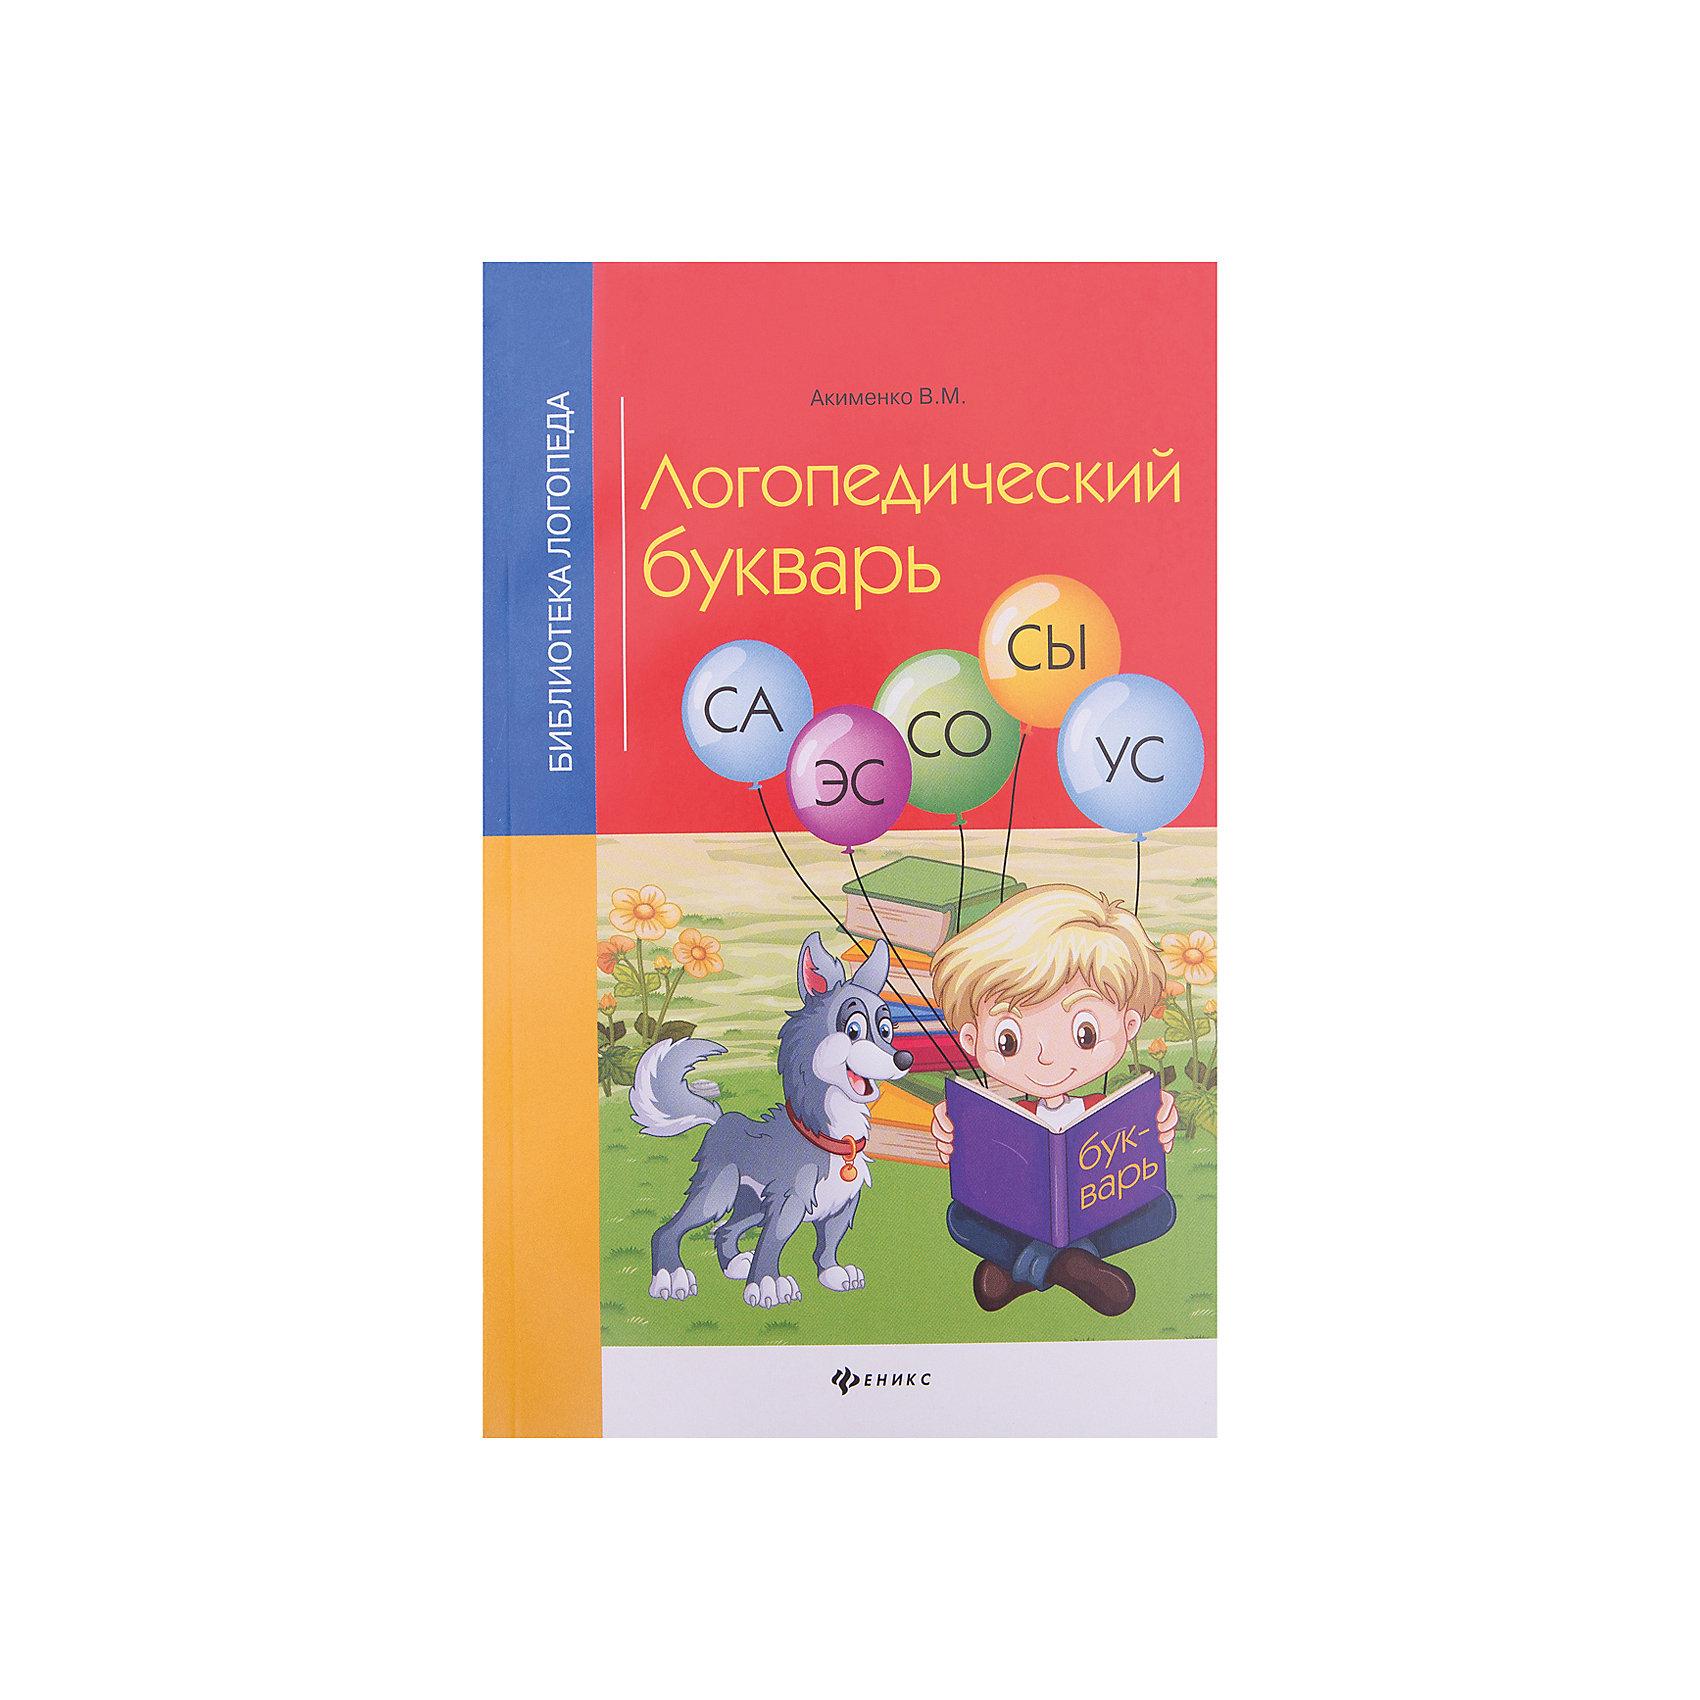 Логопедический букварьОбучающие книги<br>Характеристики товара:<br><br>• ISBN 9785222278178<br>• формат 200х125 мм<br>• серия «Библиотека логопеда»<br>• издательство Феникс<br>• автор Акименко Вера<br>• переплет: мягкий<br>• количество страниц 169<br>• год выпуска 2017<br>• размер 20х12,5х0,7 см<br><br>Логопедический букварь разработан для педагогов, воспитателей, логопедов. В нем комплекс заданий для обучения чтению, правильного произношения звуков, корректировки нарушения произношения. <br><br>Логопедический букварь можно приобрести в нашем интернет-магазине.<br><br>Ширина мм: 70<br>Глубина мм: 125<br>Высота мм: 199<br>Вес г: 151<br>Возраст от месяцев: -2147483648<br>Возраст до месяцев: 2147483647<br>Пол: Унисекс<br>Возраст: Детский<br>SKU: 5501026